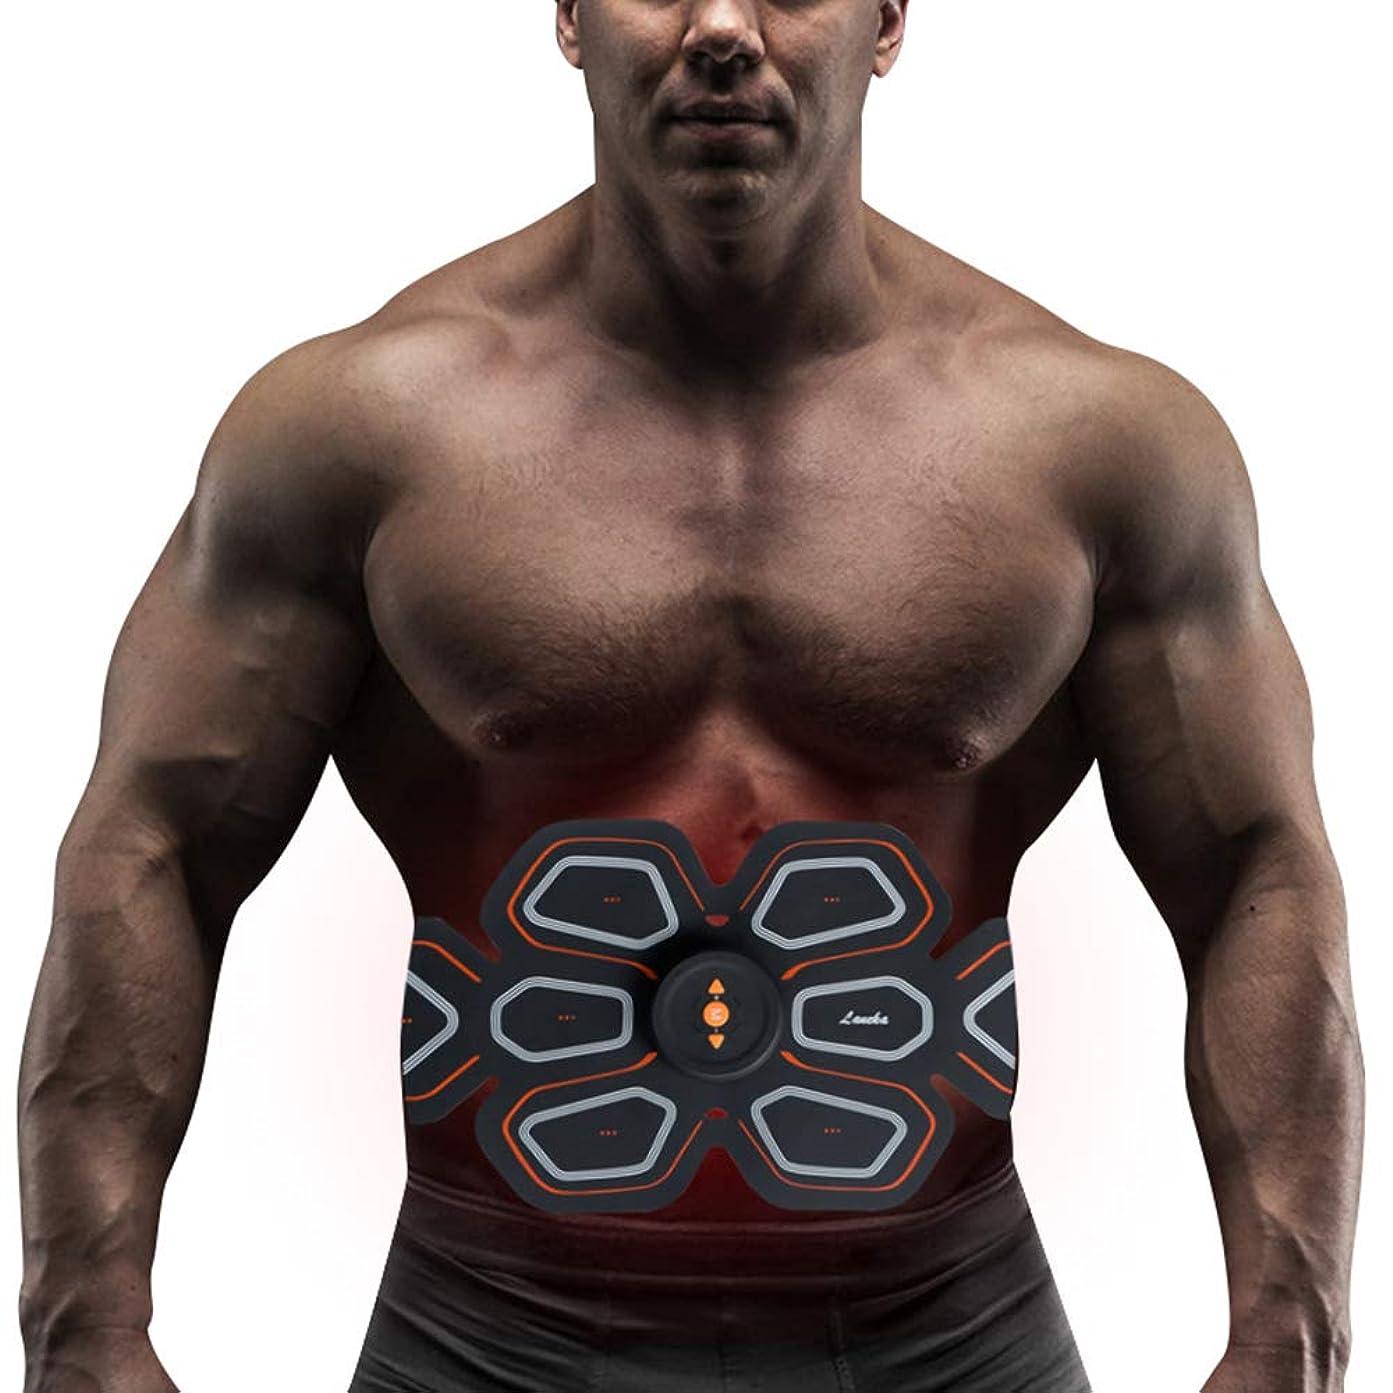 法律と通知スマート腹部筋肉トレーナーusb電気マッサージフィットネス機器EMS筋肉刺激装置体重減少マッサージスポーツフィットネス機器ユニセックス